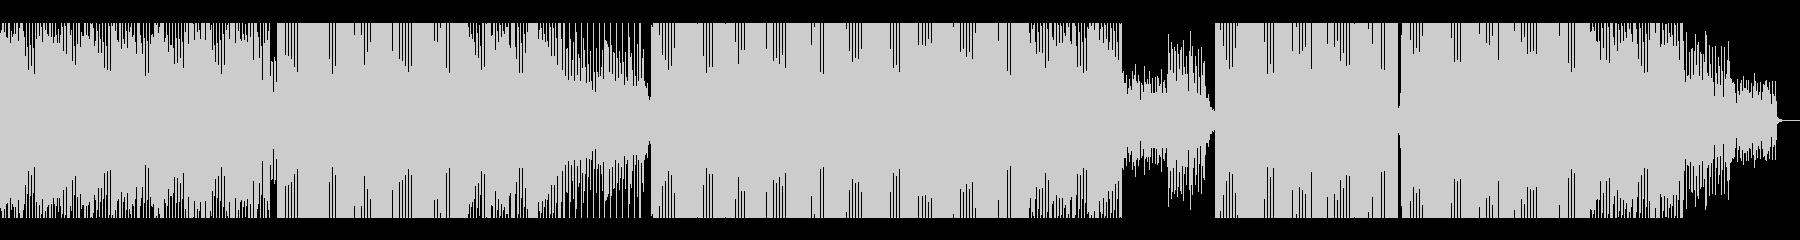 【メロディー無】80年代風テクノポップの未再生の波形